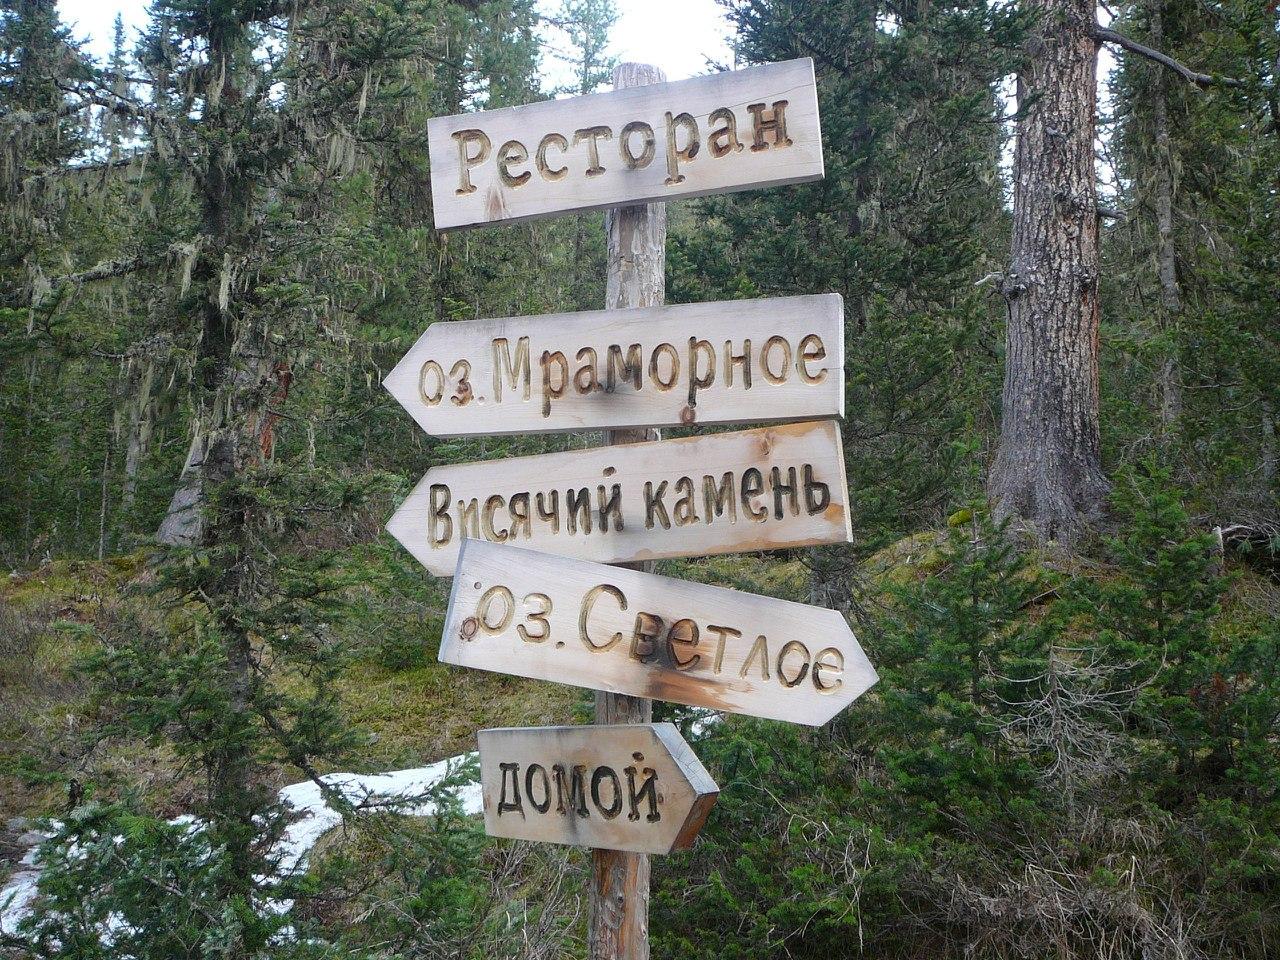 Развилка. Фото: Константин Бураков